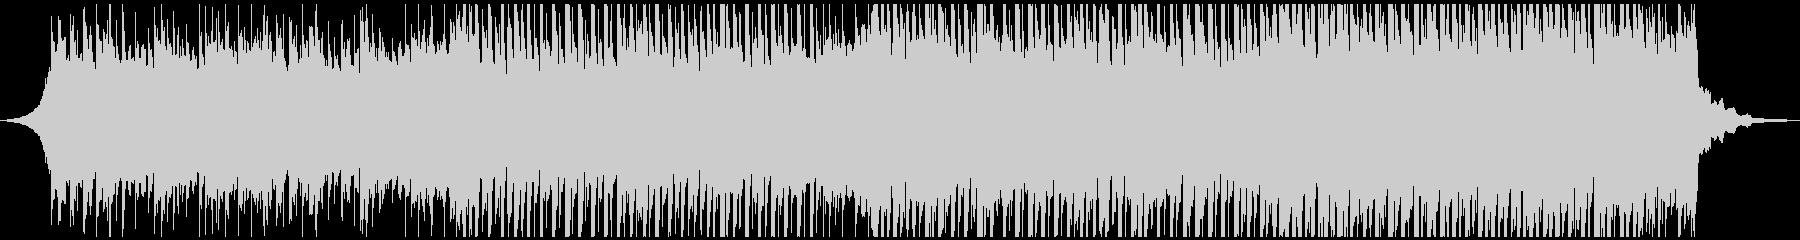 コーポレートテック(中)の未再生の波形